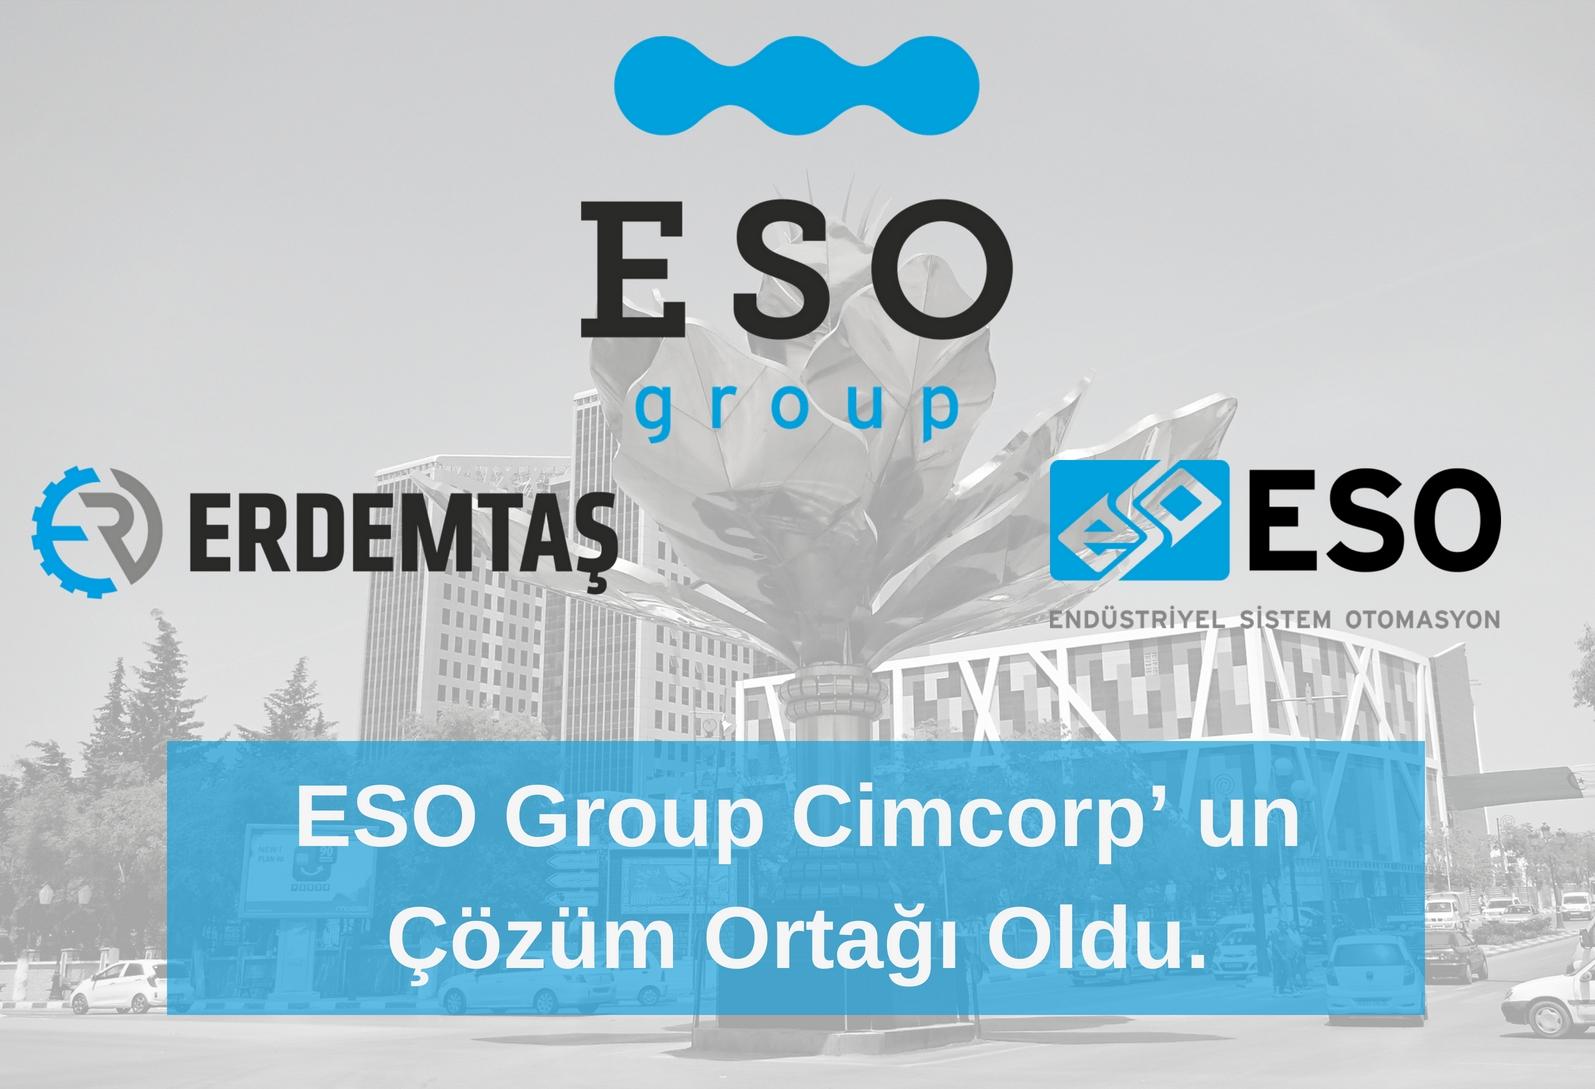 ESO Group CIMCORP' un Çözüm Ortağı Oldu.